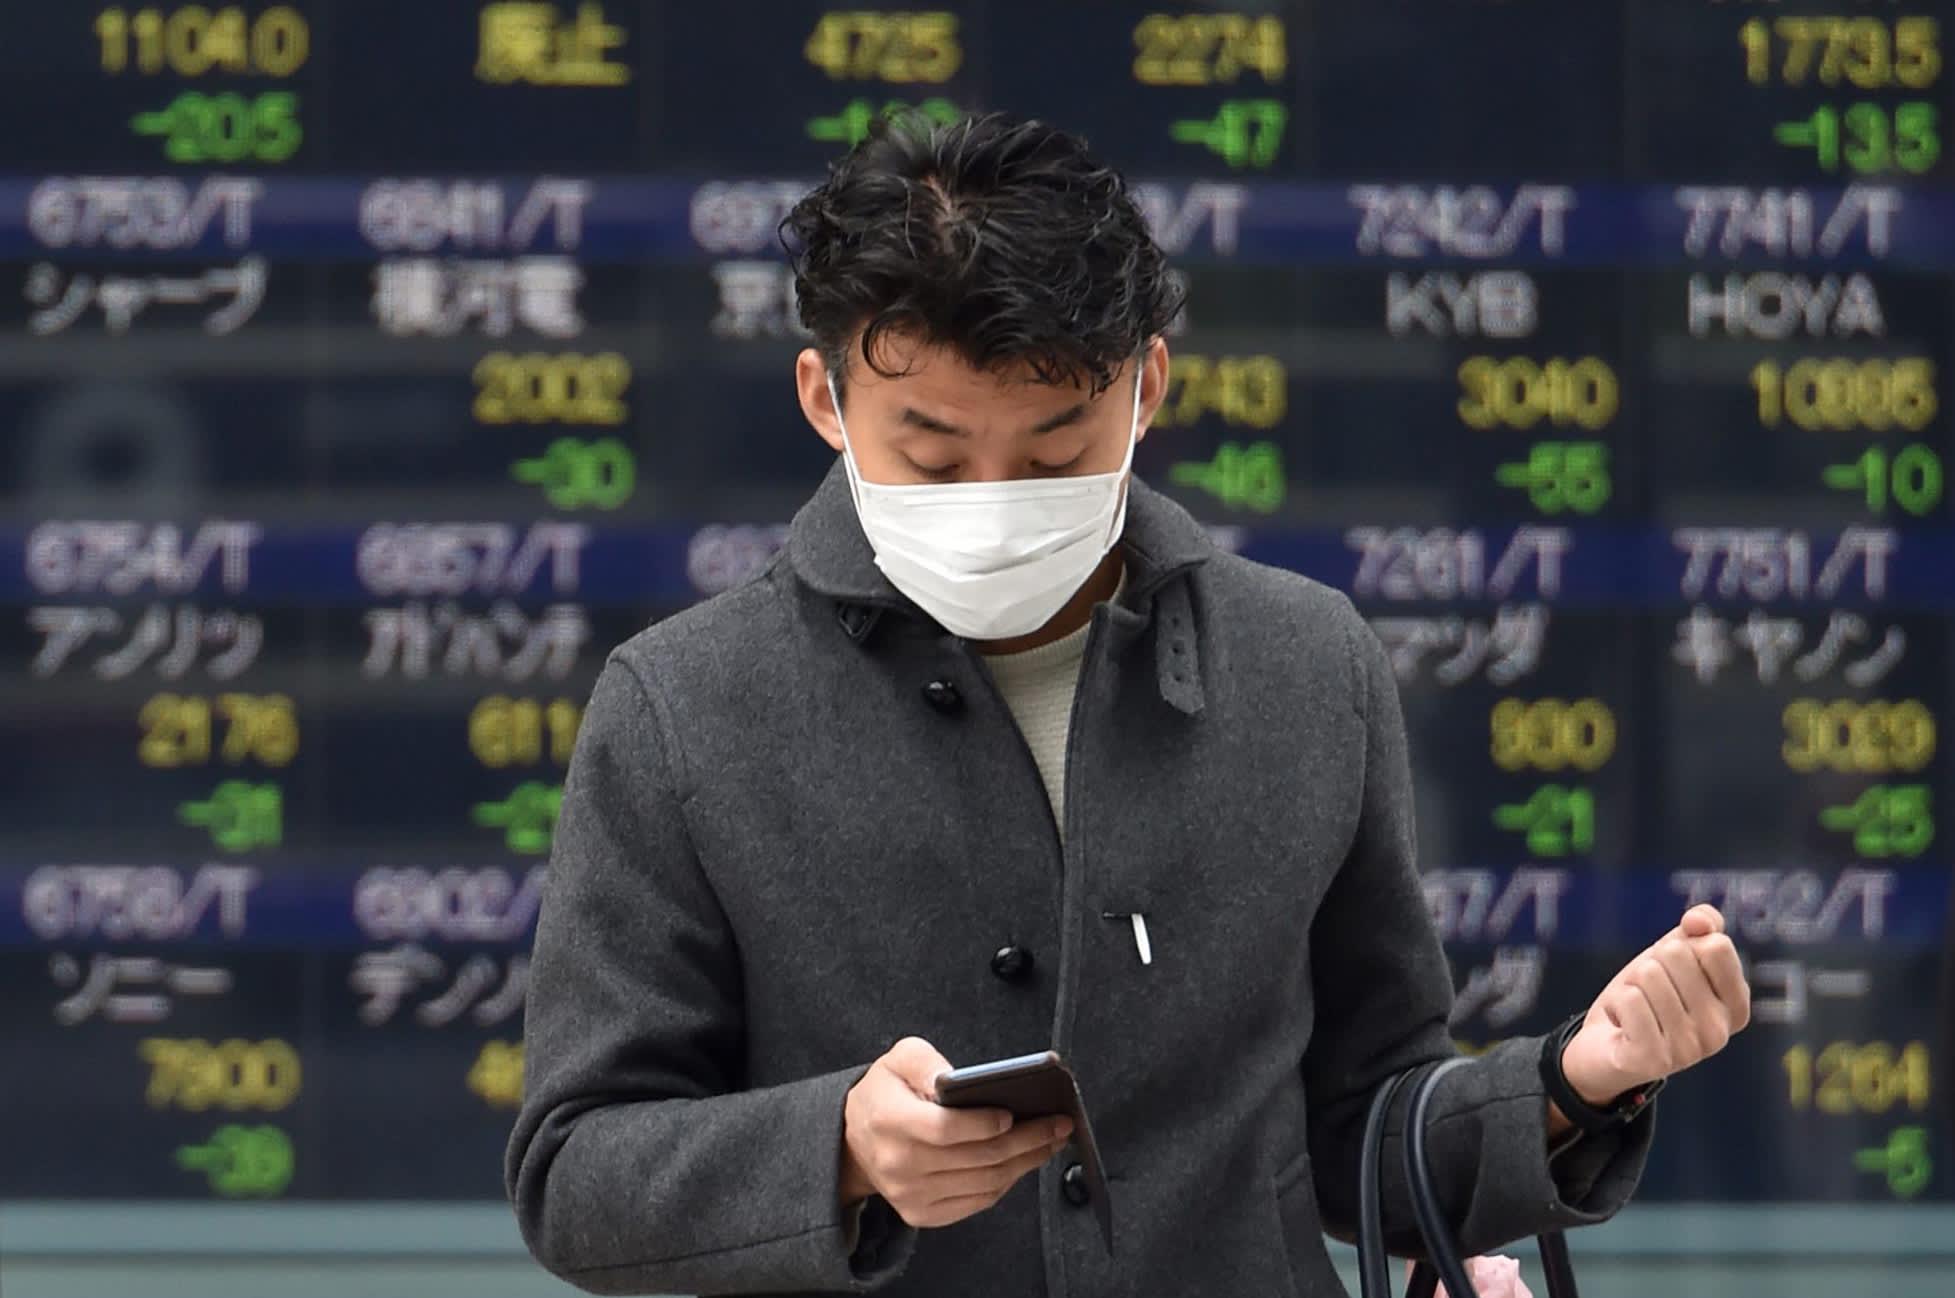 Coronavirus, China loan prime rate, currencies in focus